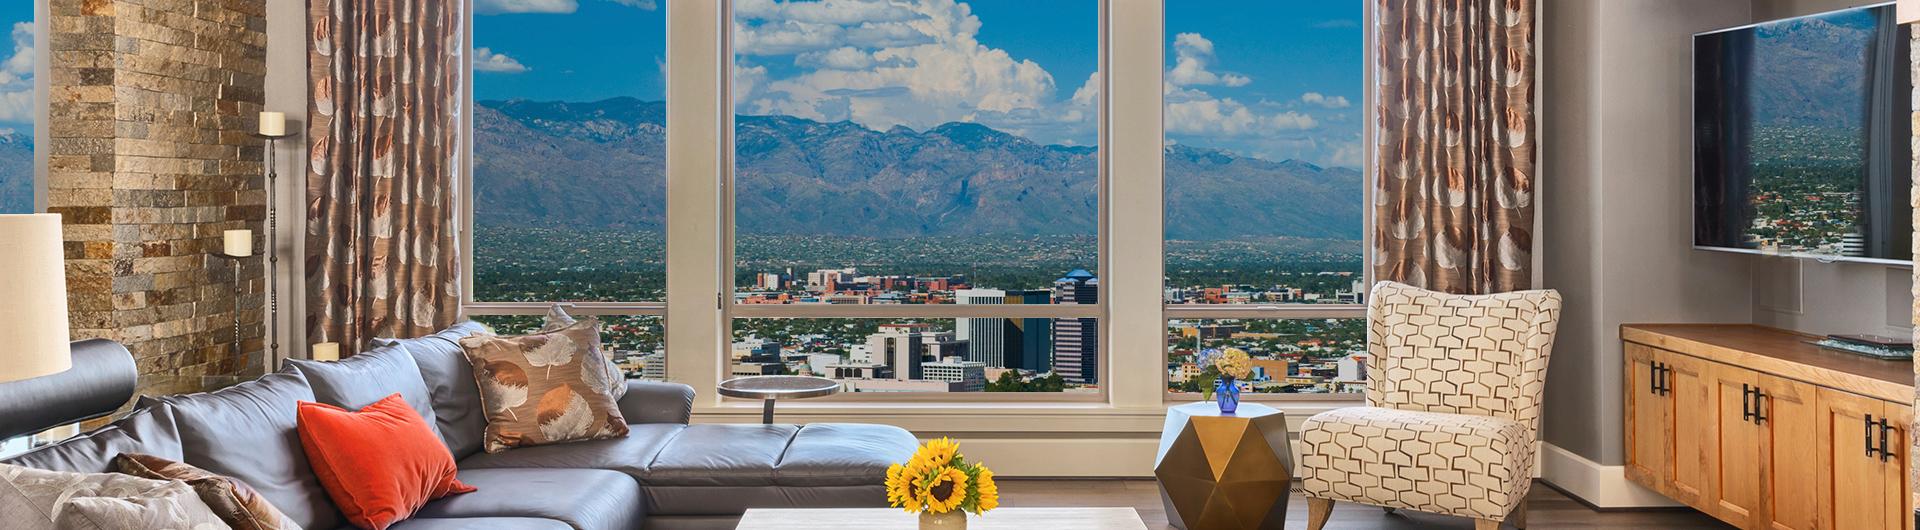 Sweet Window Tinting Window Tinting In Tucson Arizona